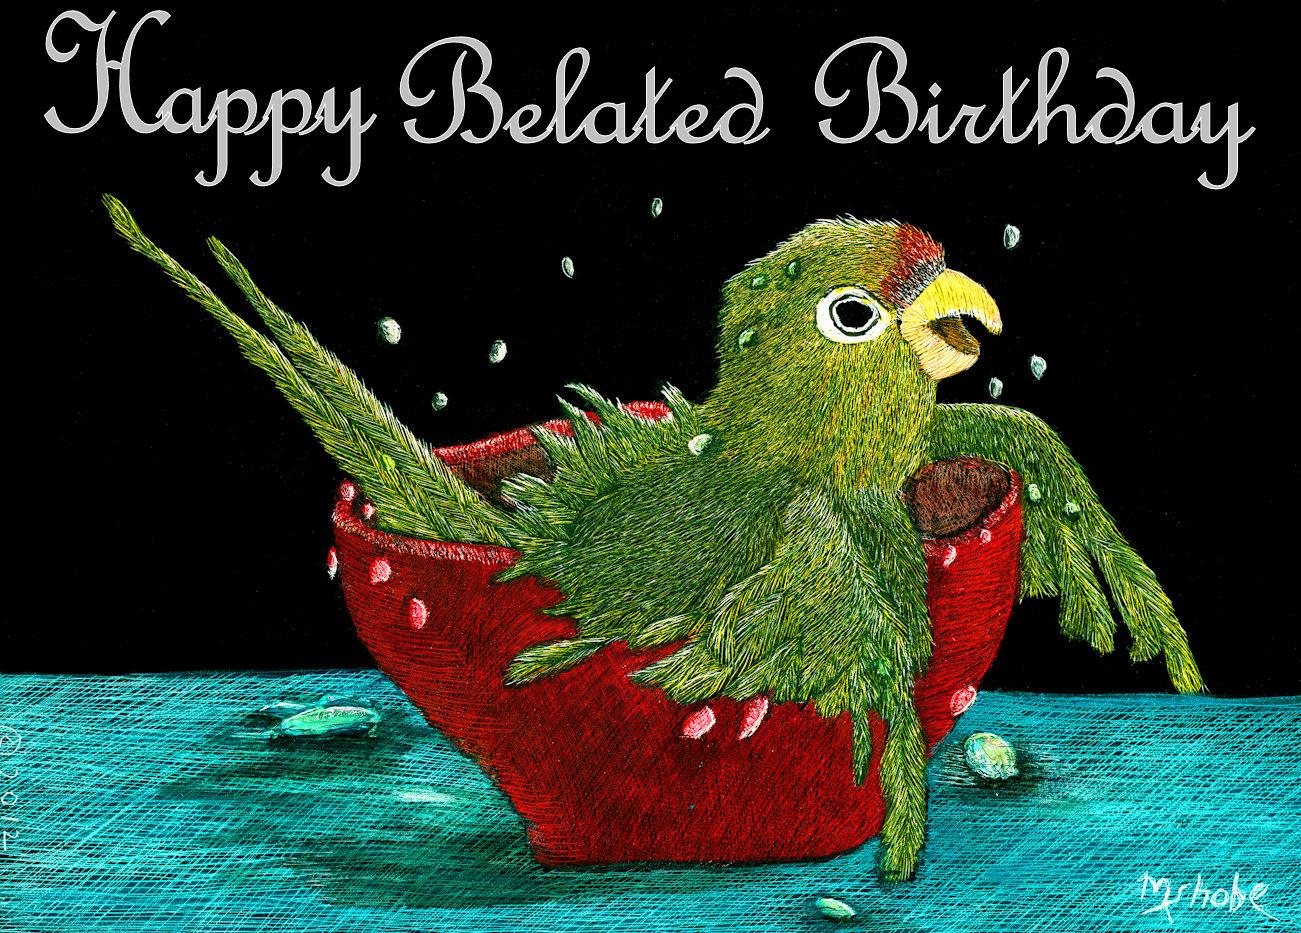 Bathtime Belated Birthday